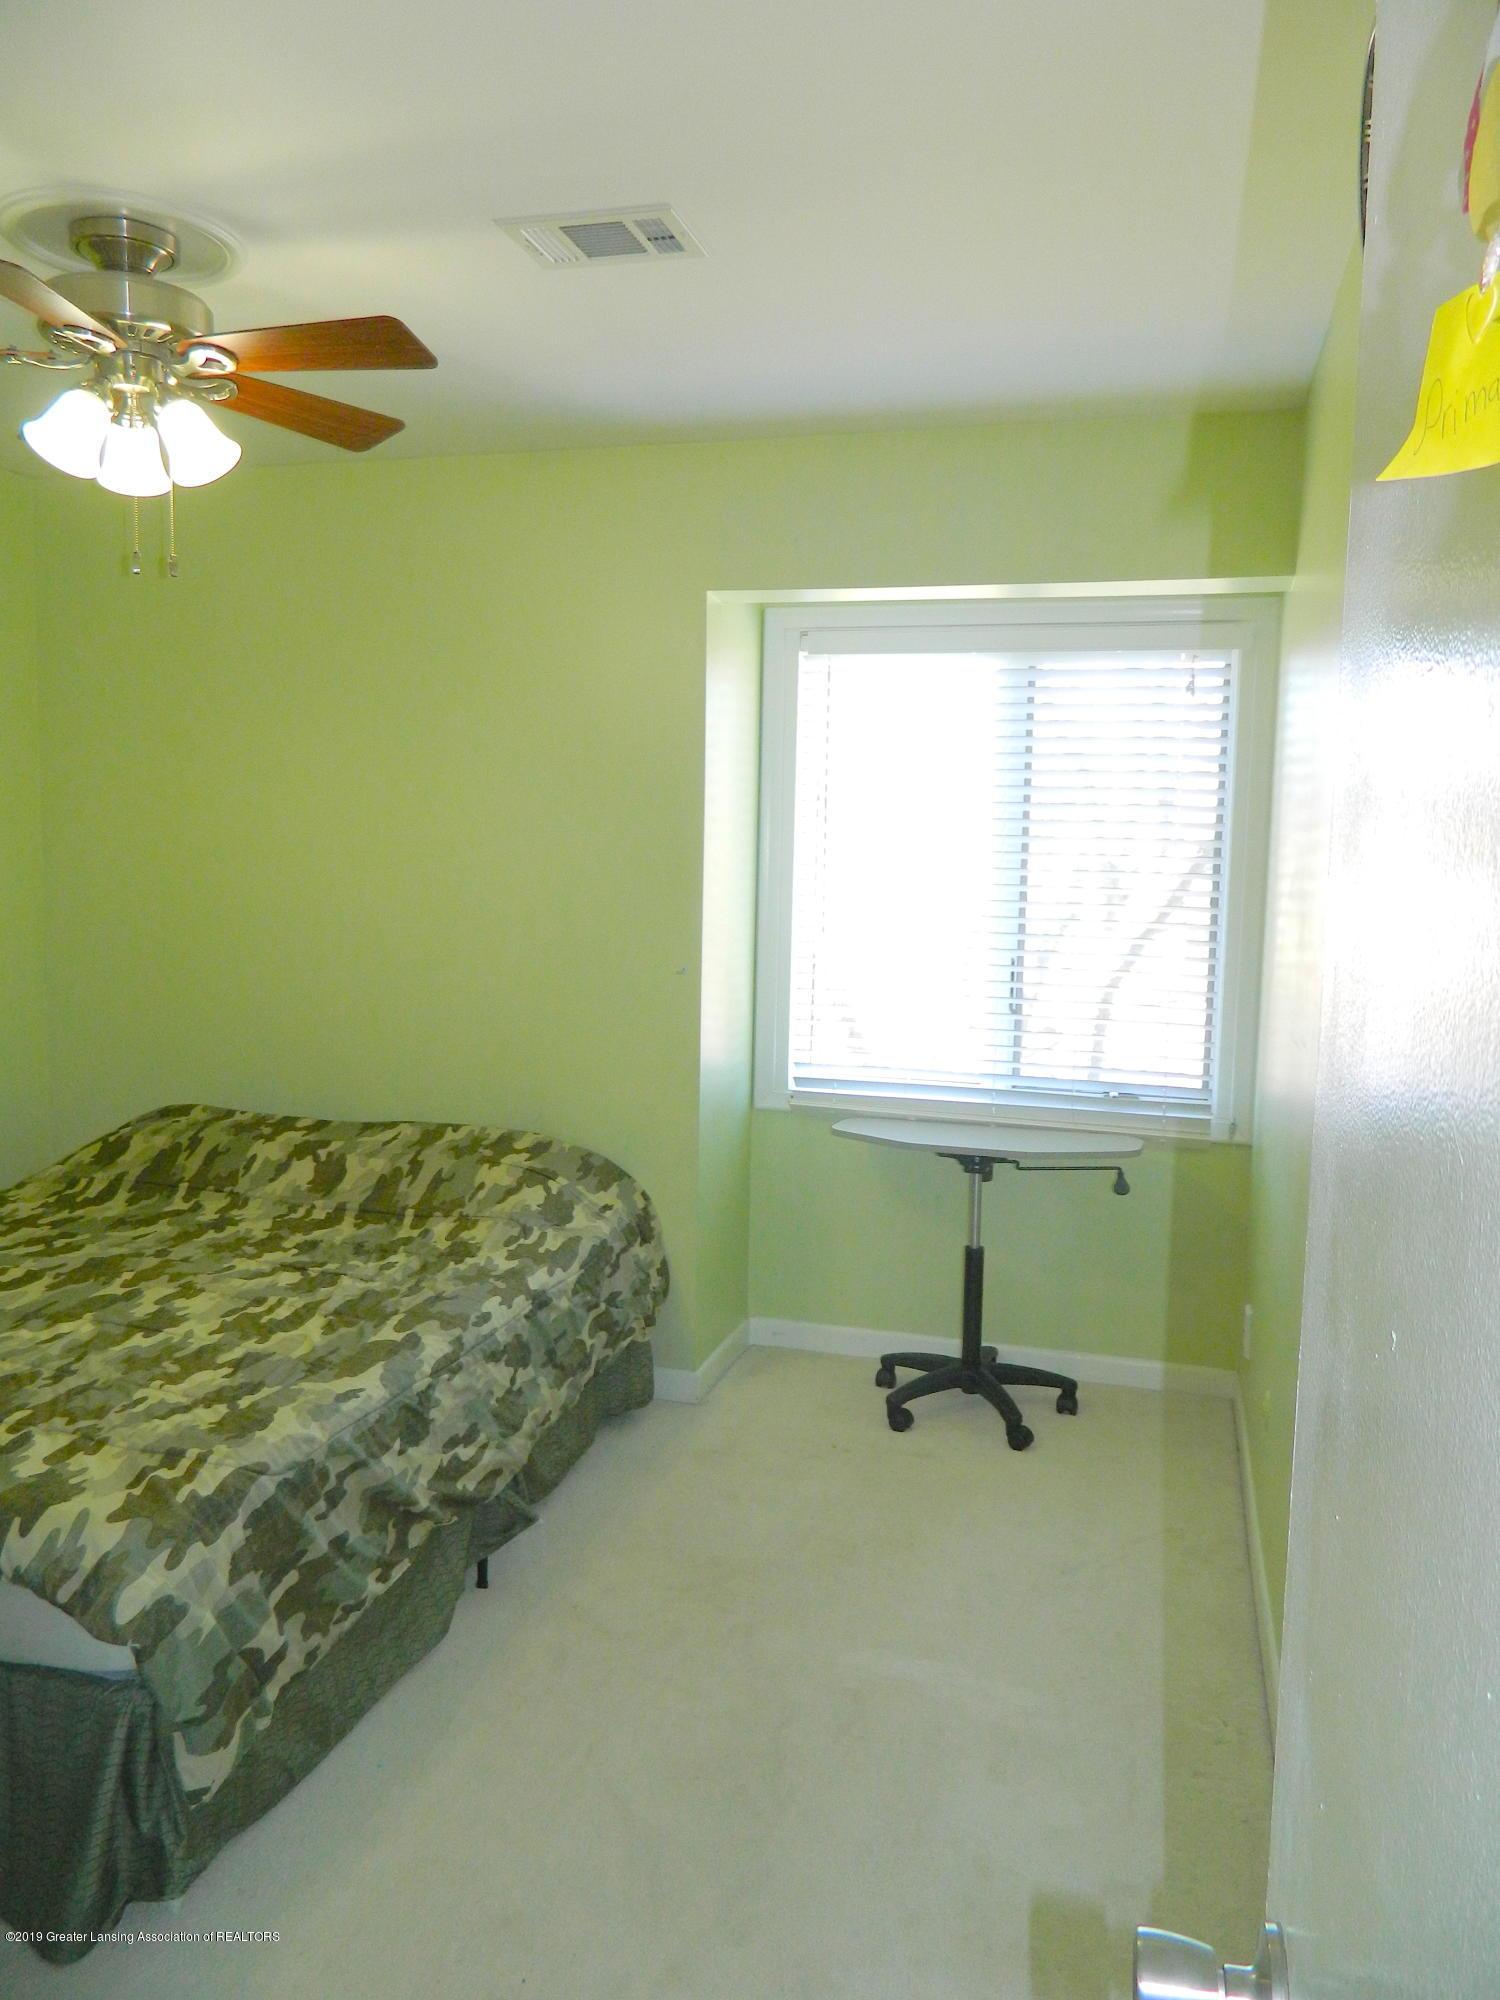 523 Bainbridge Dr APT 43 - 12_2nd Bedroom_BAINBRIDGE 523 - 14